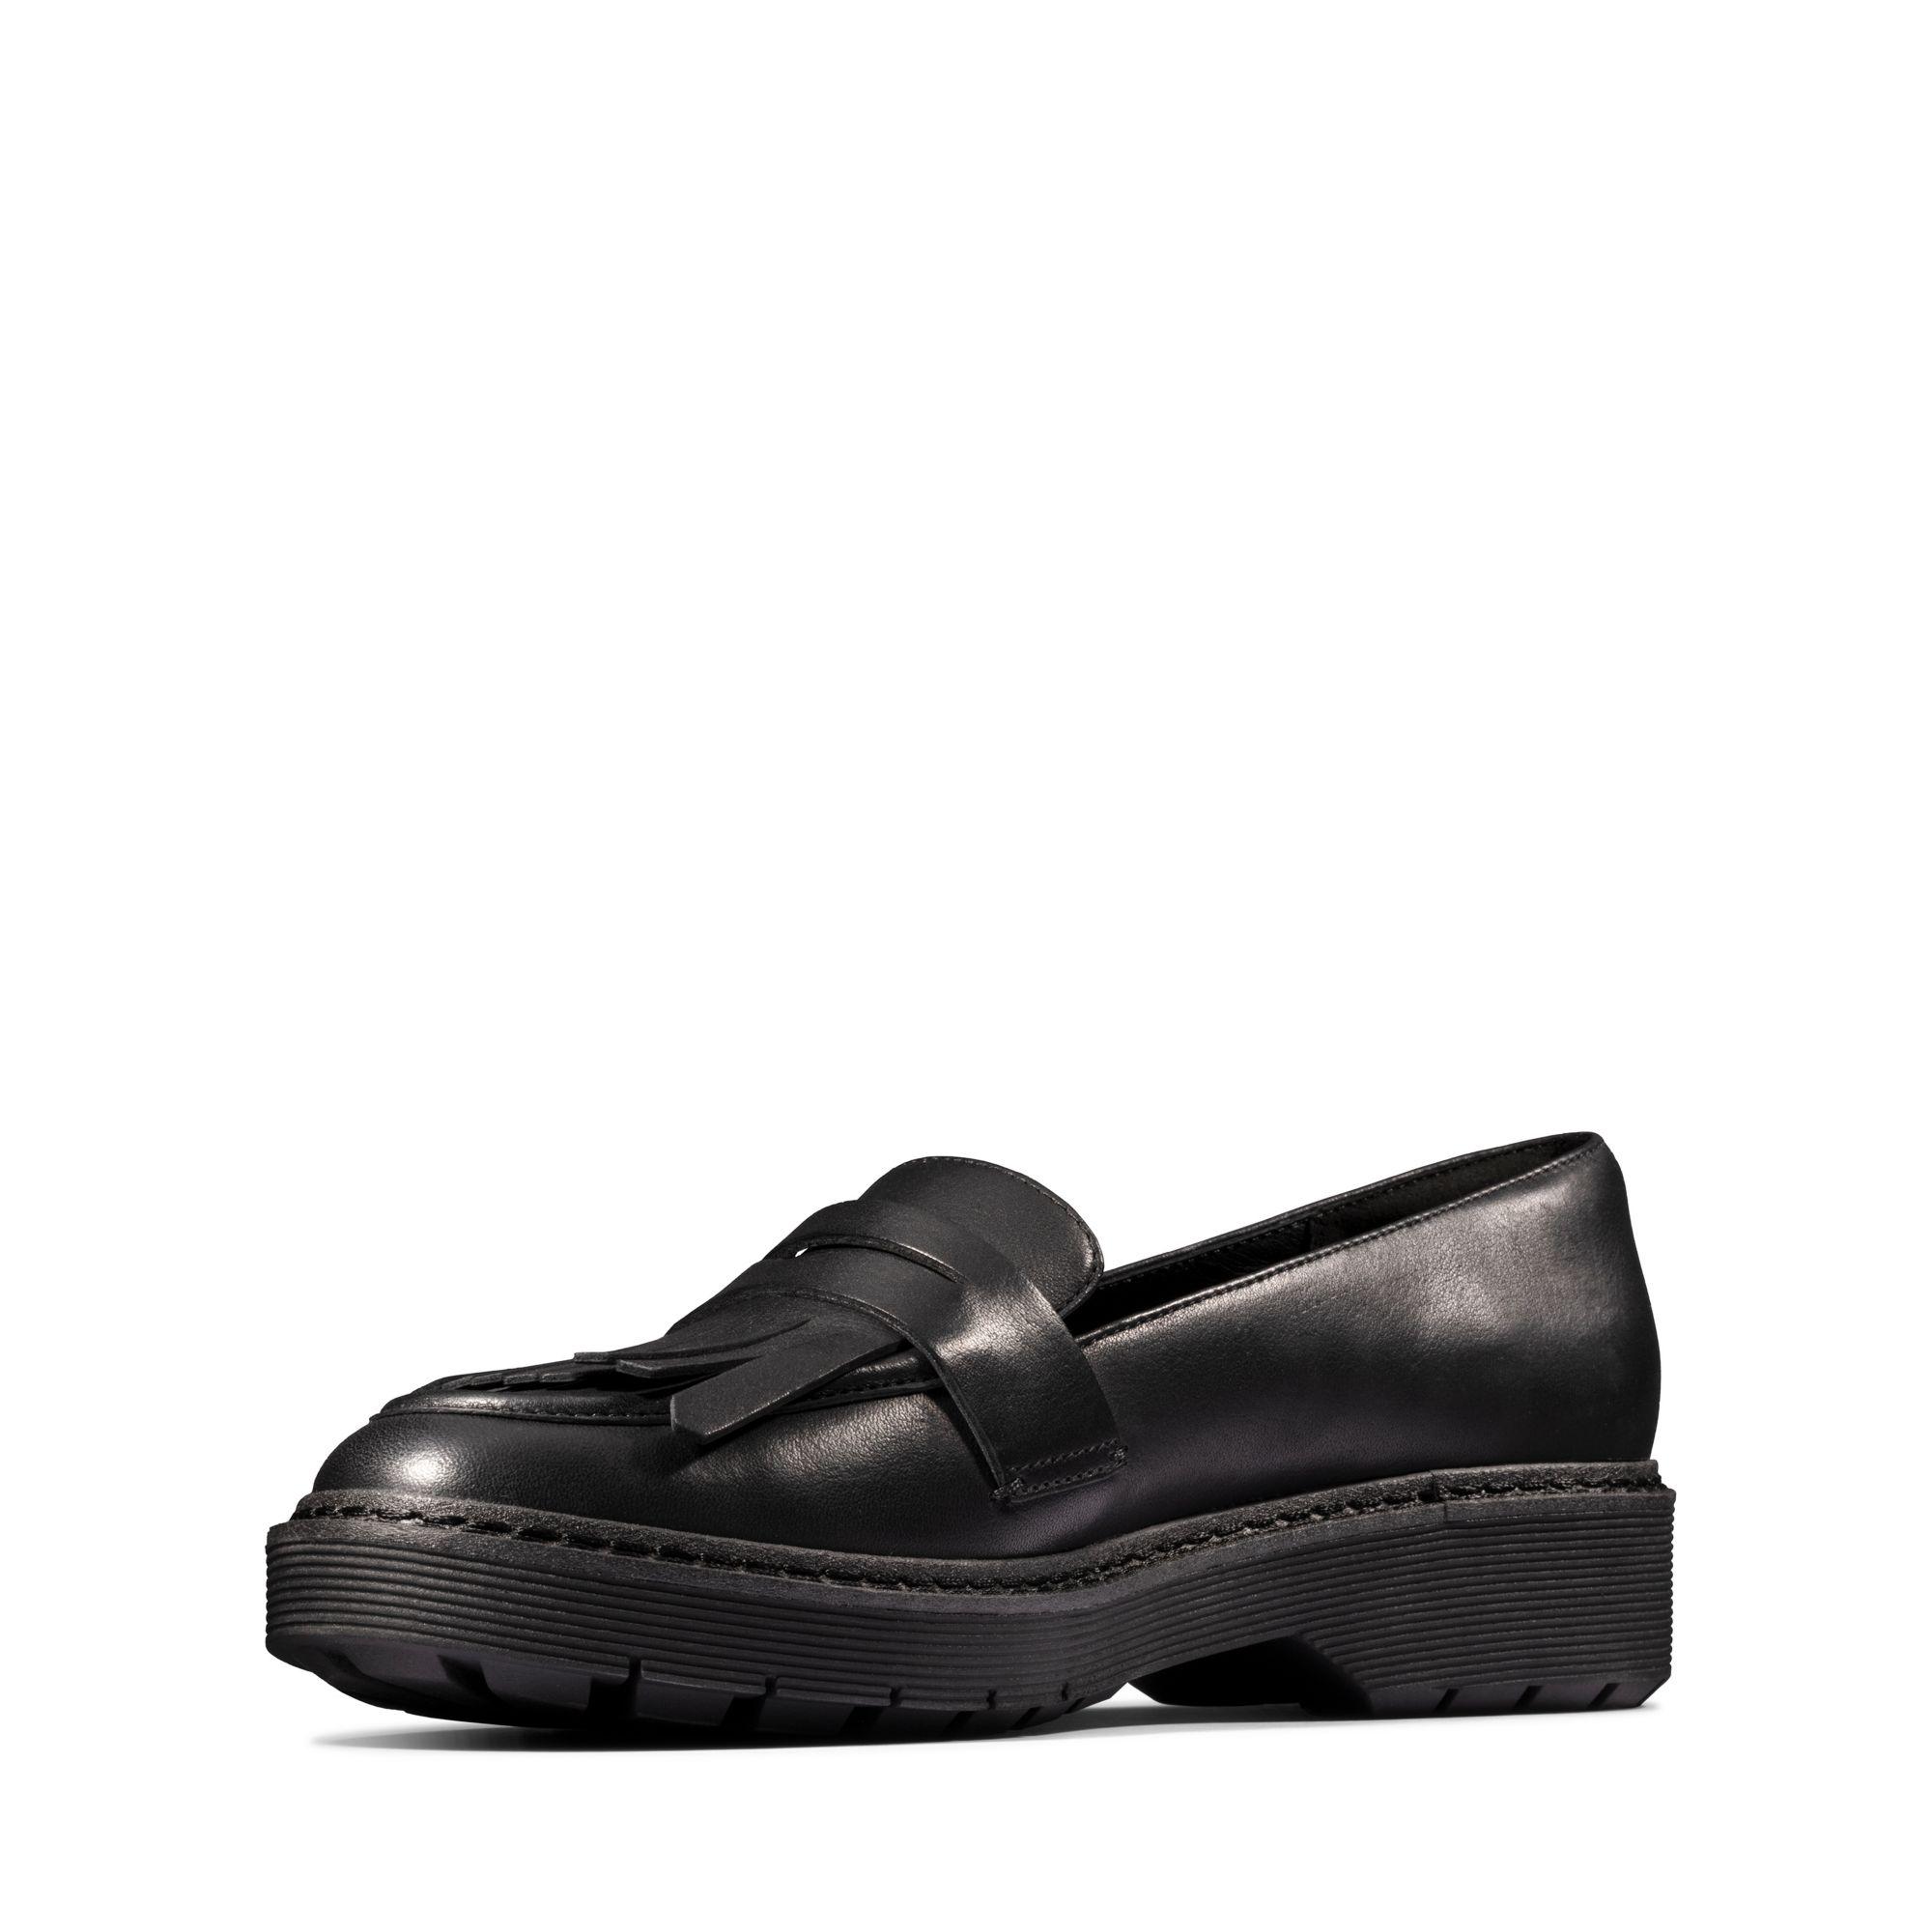 Дамски ежедневни обувки Clarks Witcombe Dawn от естествена кожа черни - снимка 7